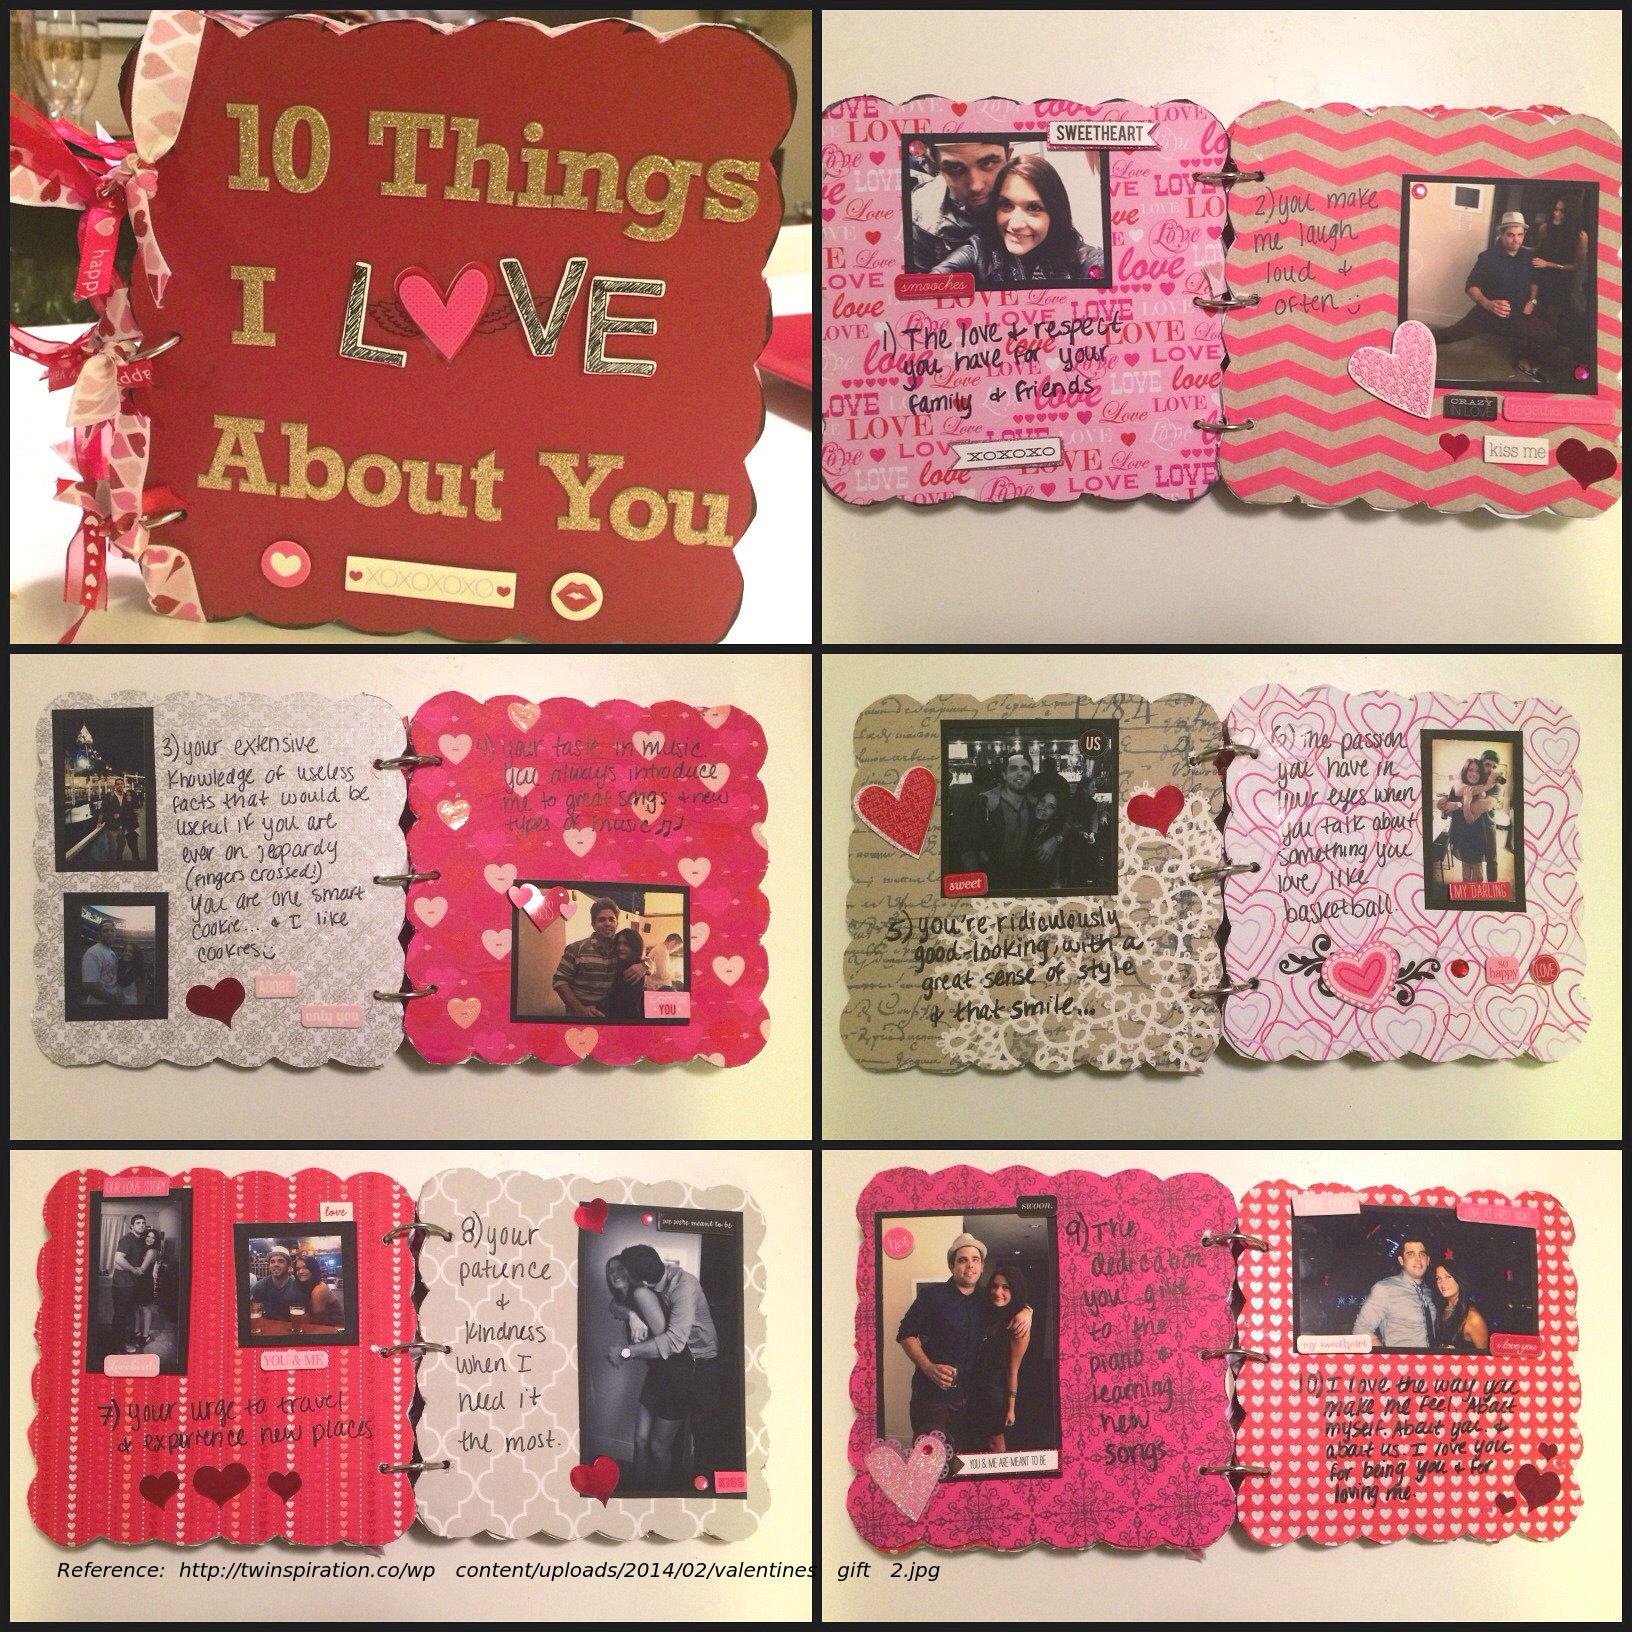 #bestgiftforvalentinesday #lovegiftsonlineshopping #valentinegiftideas #valentinesdaygift